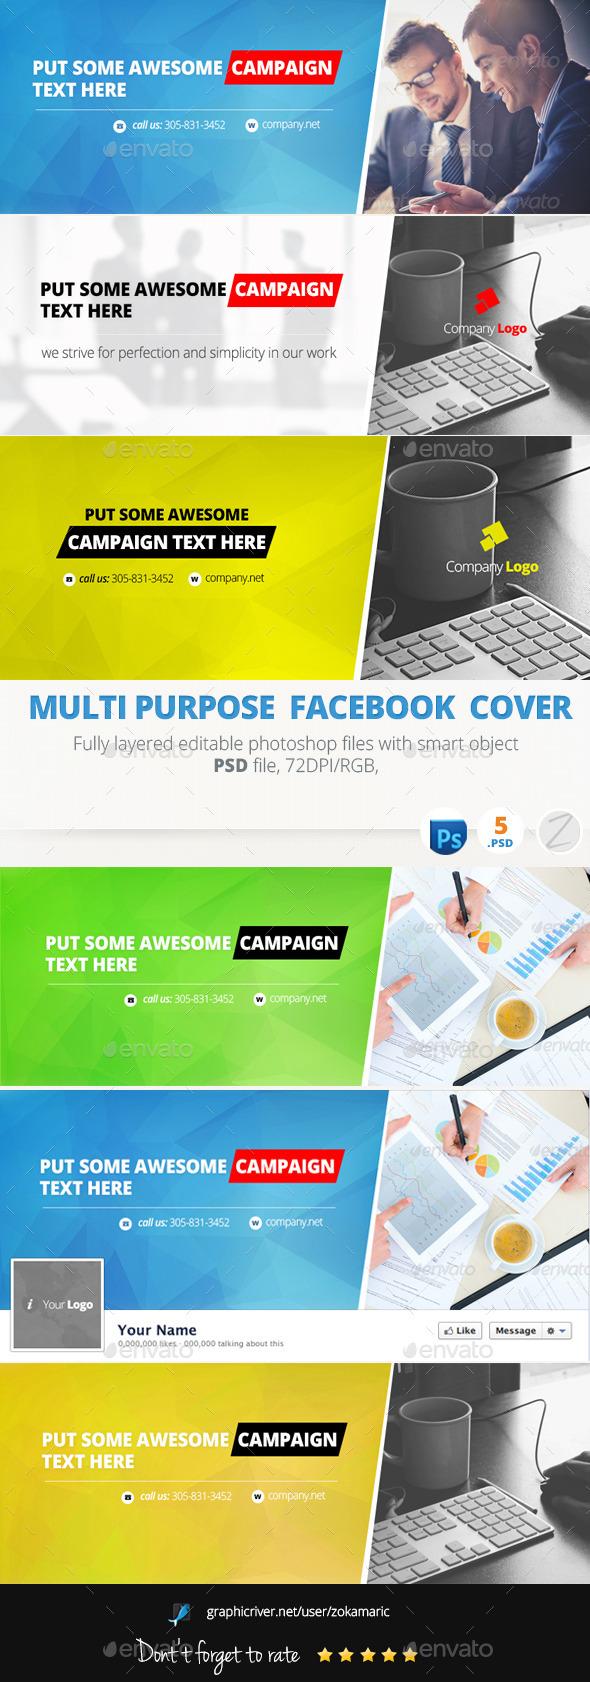 GraphicRiver Multi Purpose Facebook Cover 9298253